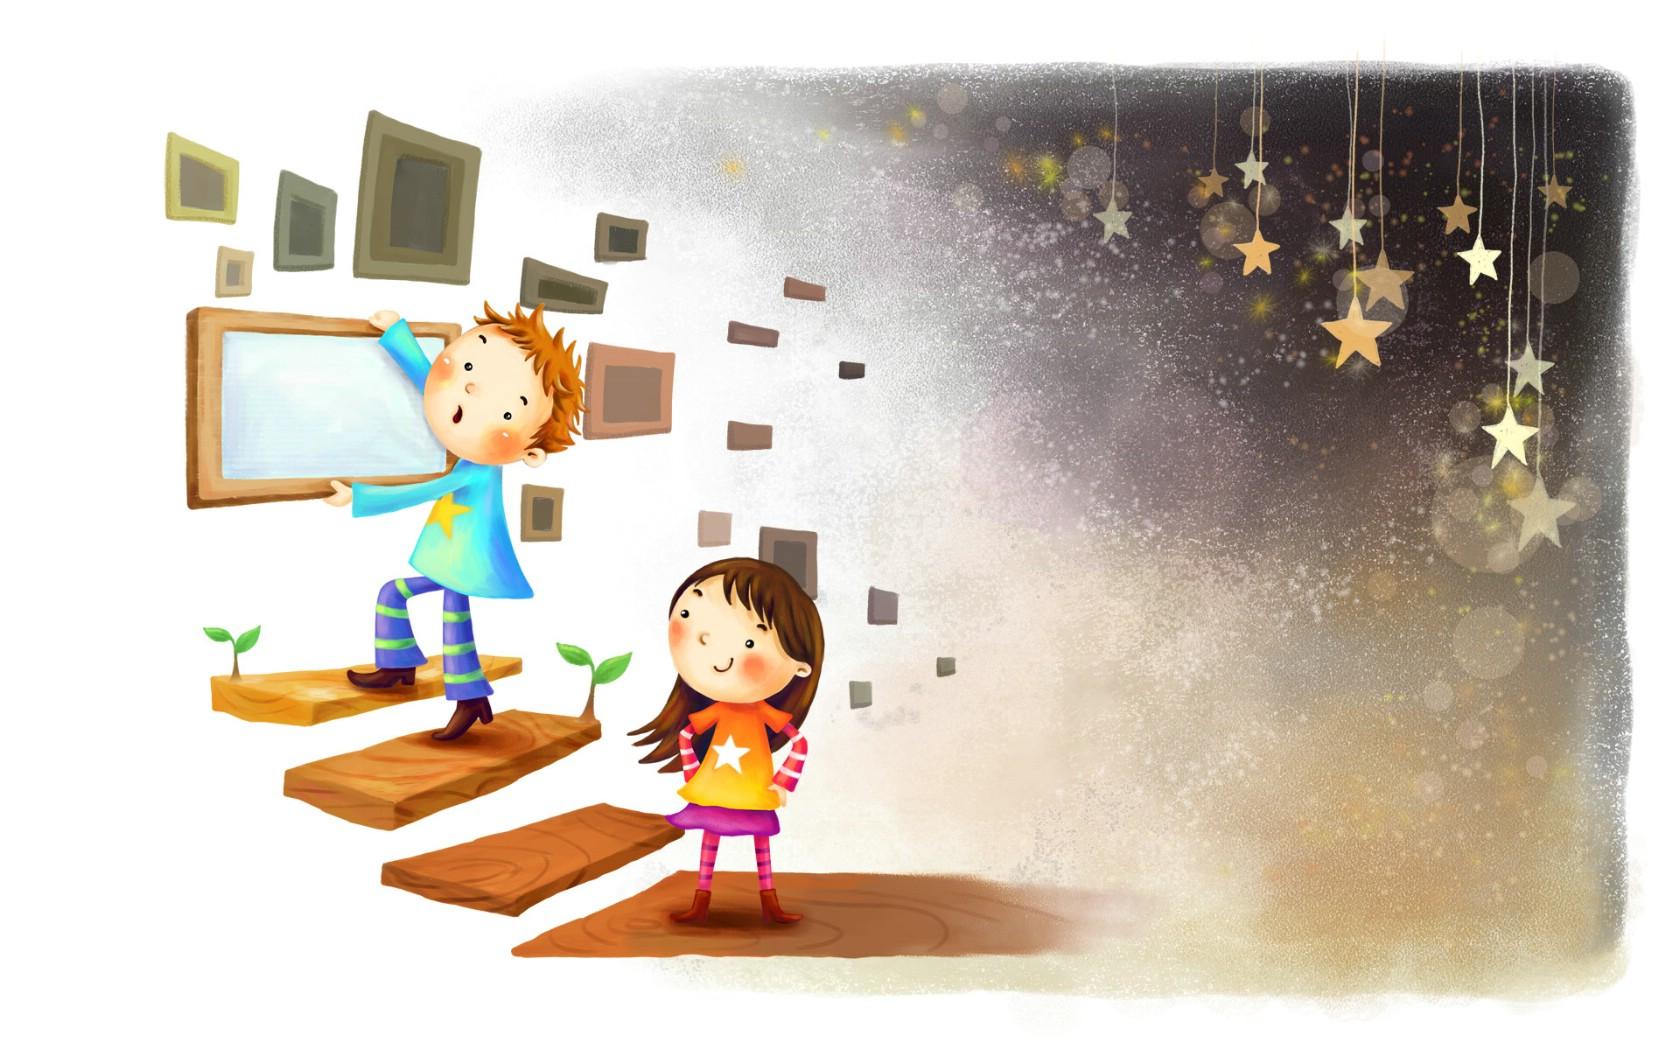 壁纸1680×1050六一国际儿童节可爱卡通宽屏壁纸 壁纸28壁纸 六一国际儿童节可爱卡壁纸图片动漫壁纸动漫图片素材桌面壁纸